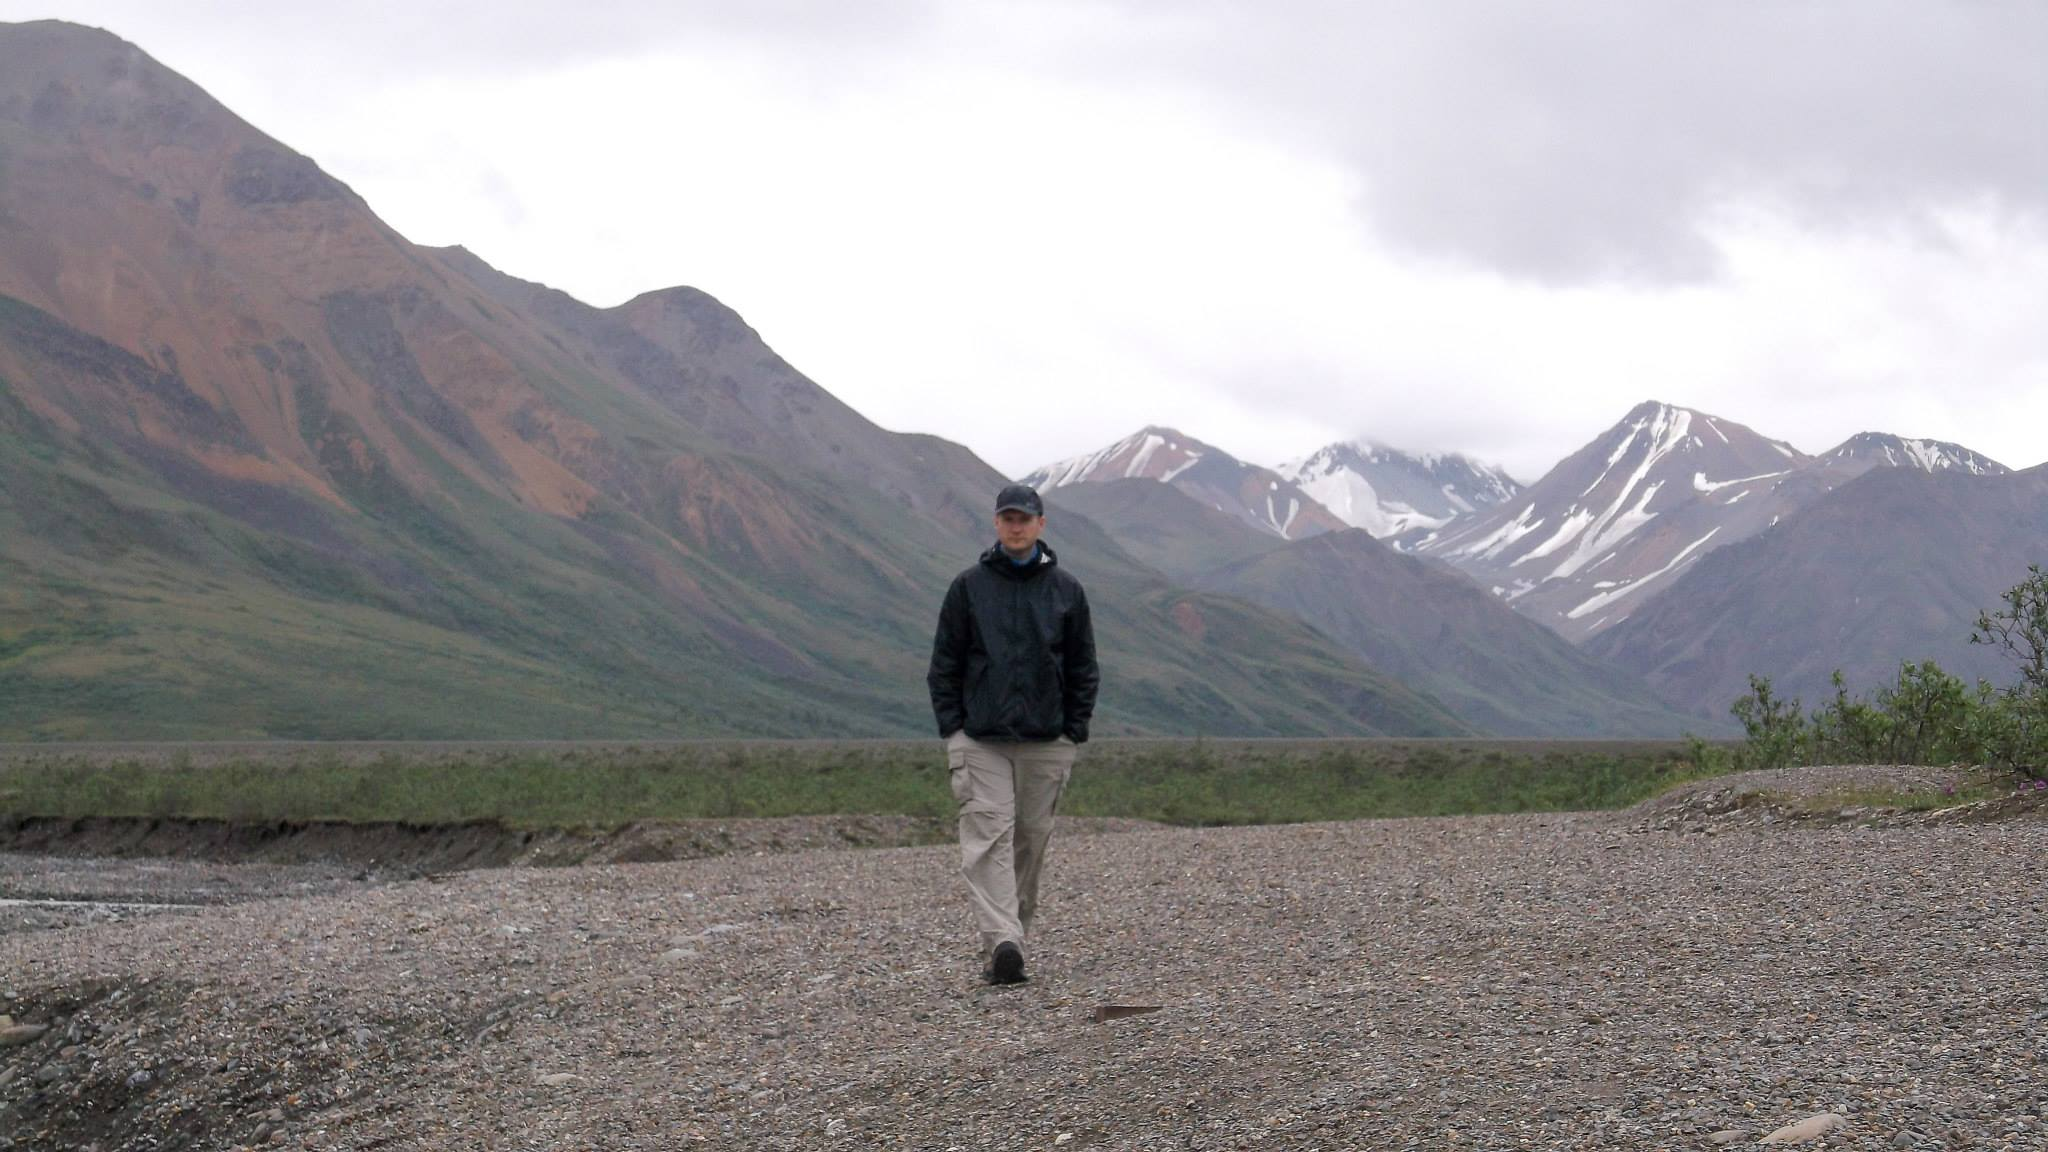 At Denali National Park